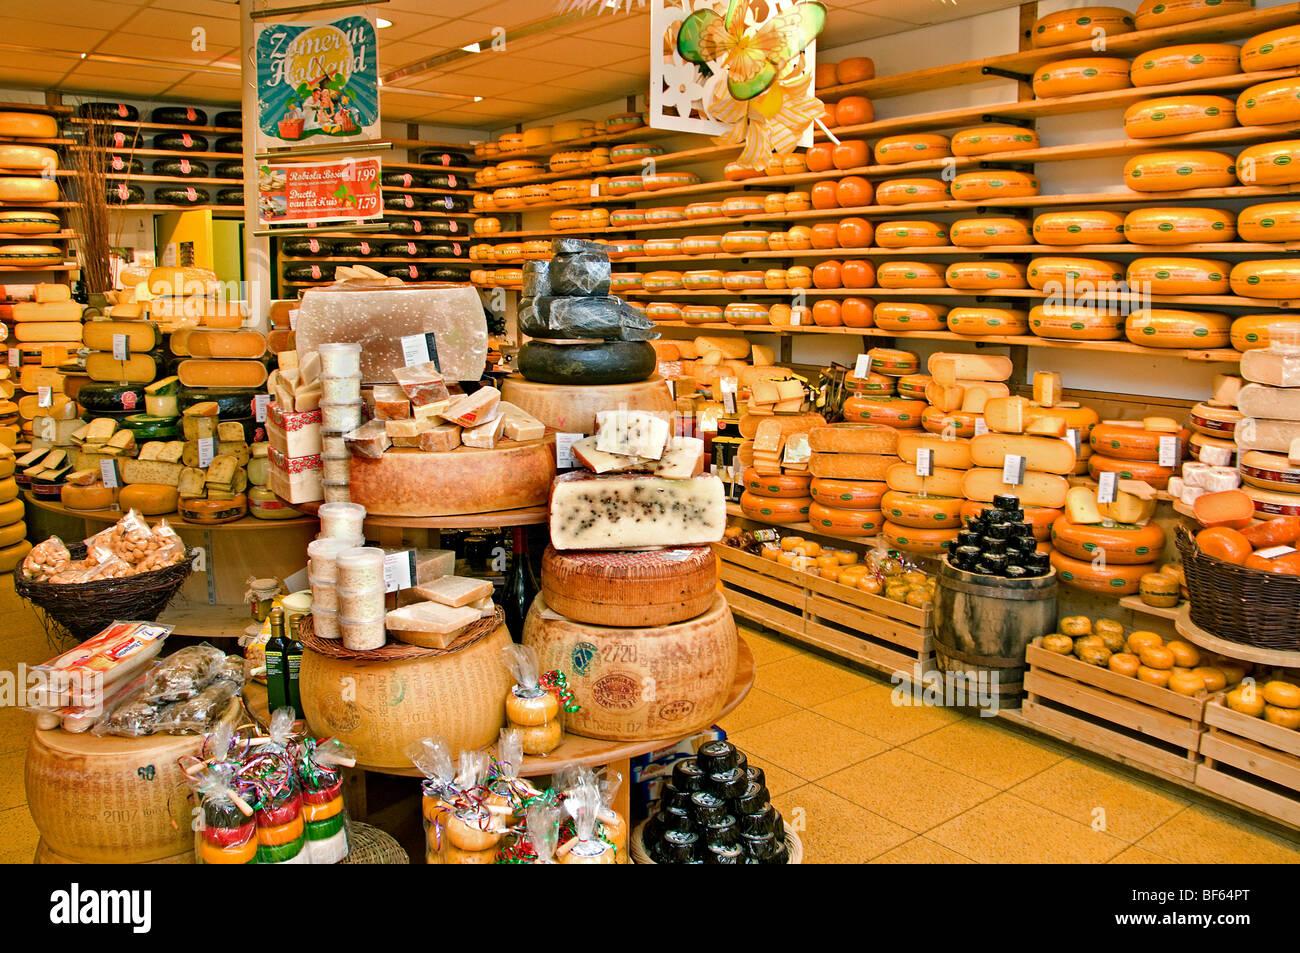 Alkmaar Paesi Bassi Olanda cheesemonger formaggio caseificio di latte Immagini Stock